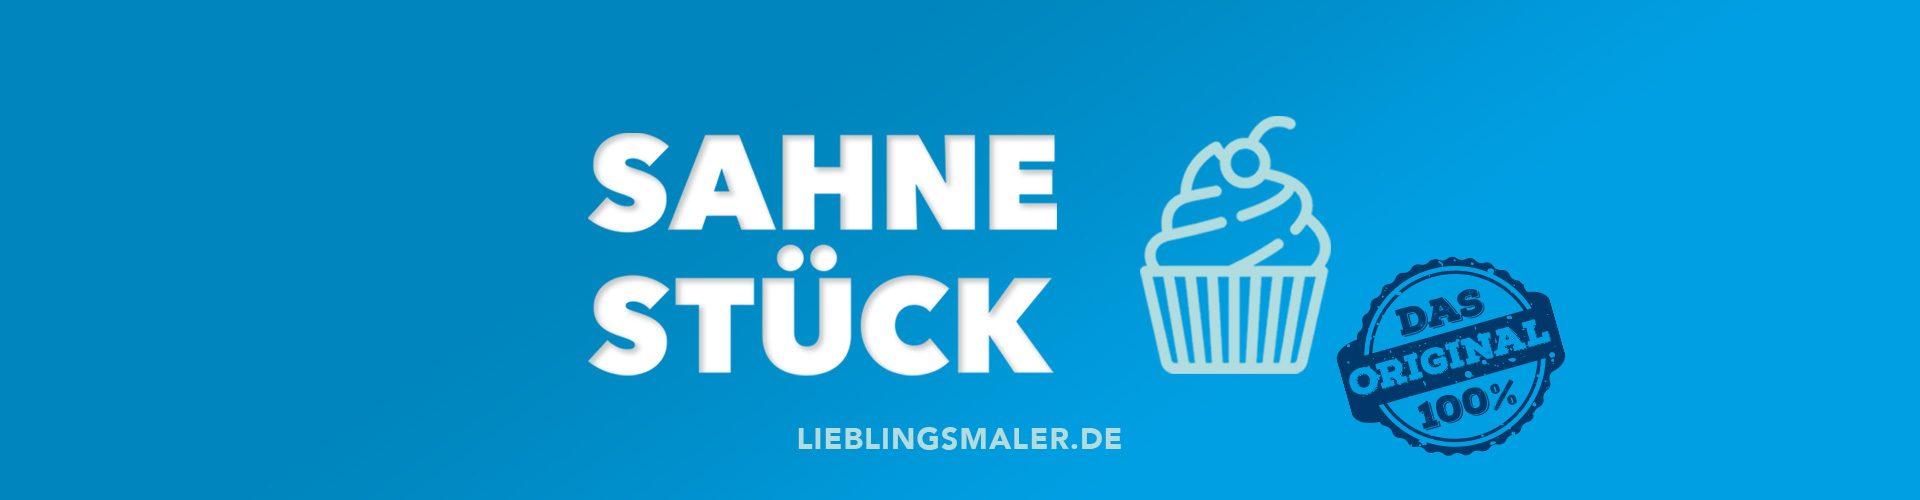 Sahnestück Lieblingsmaler.de